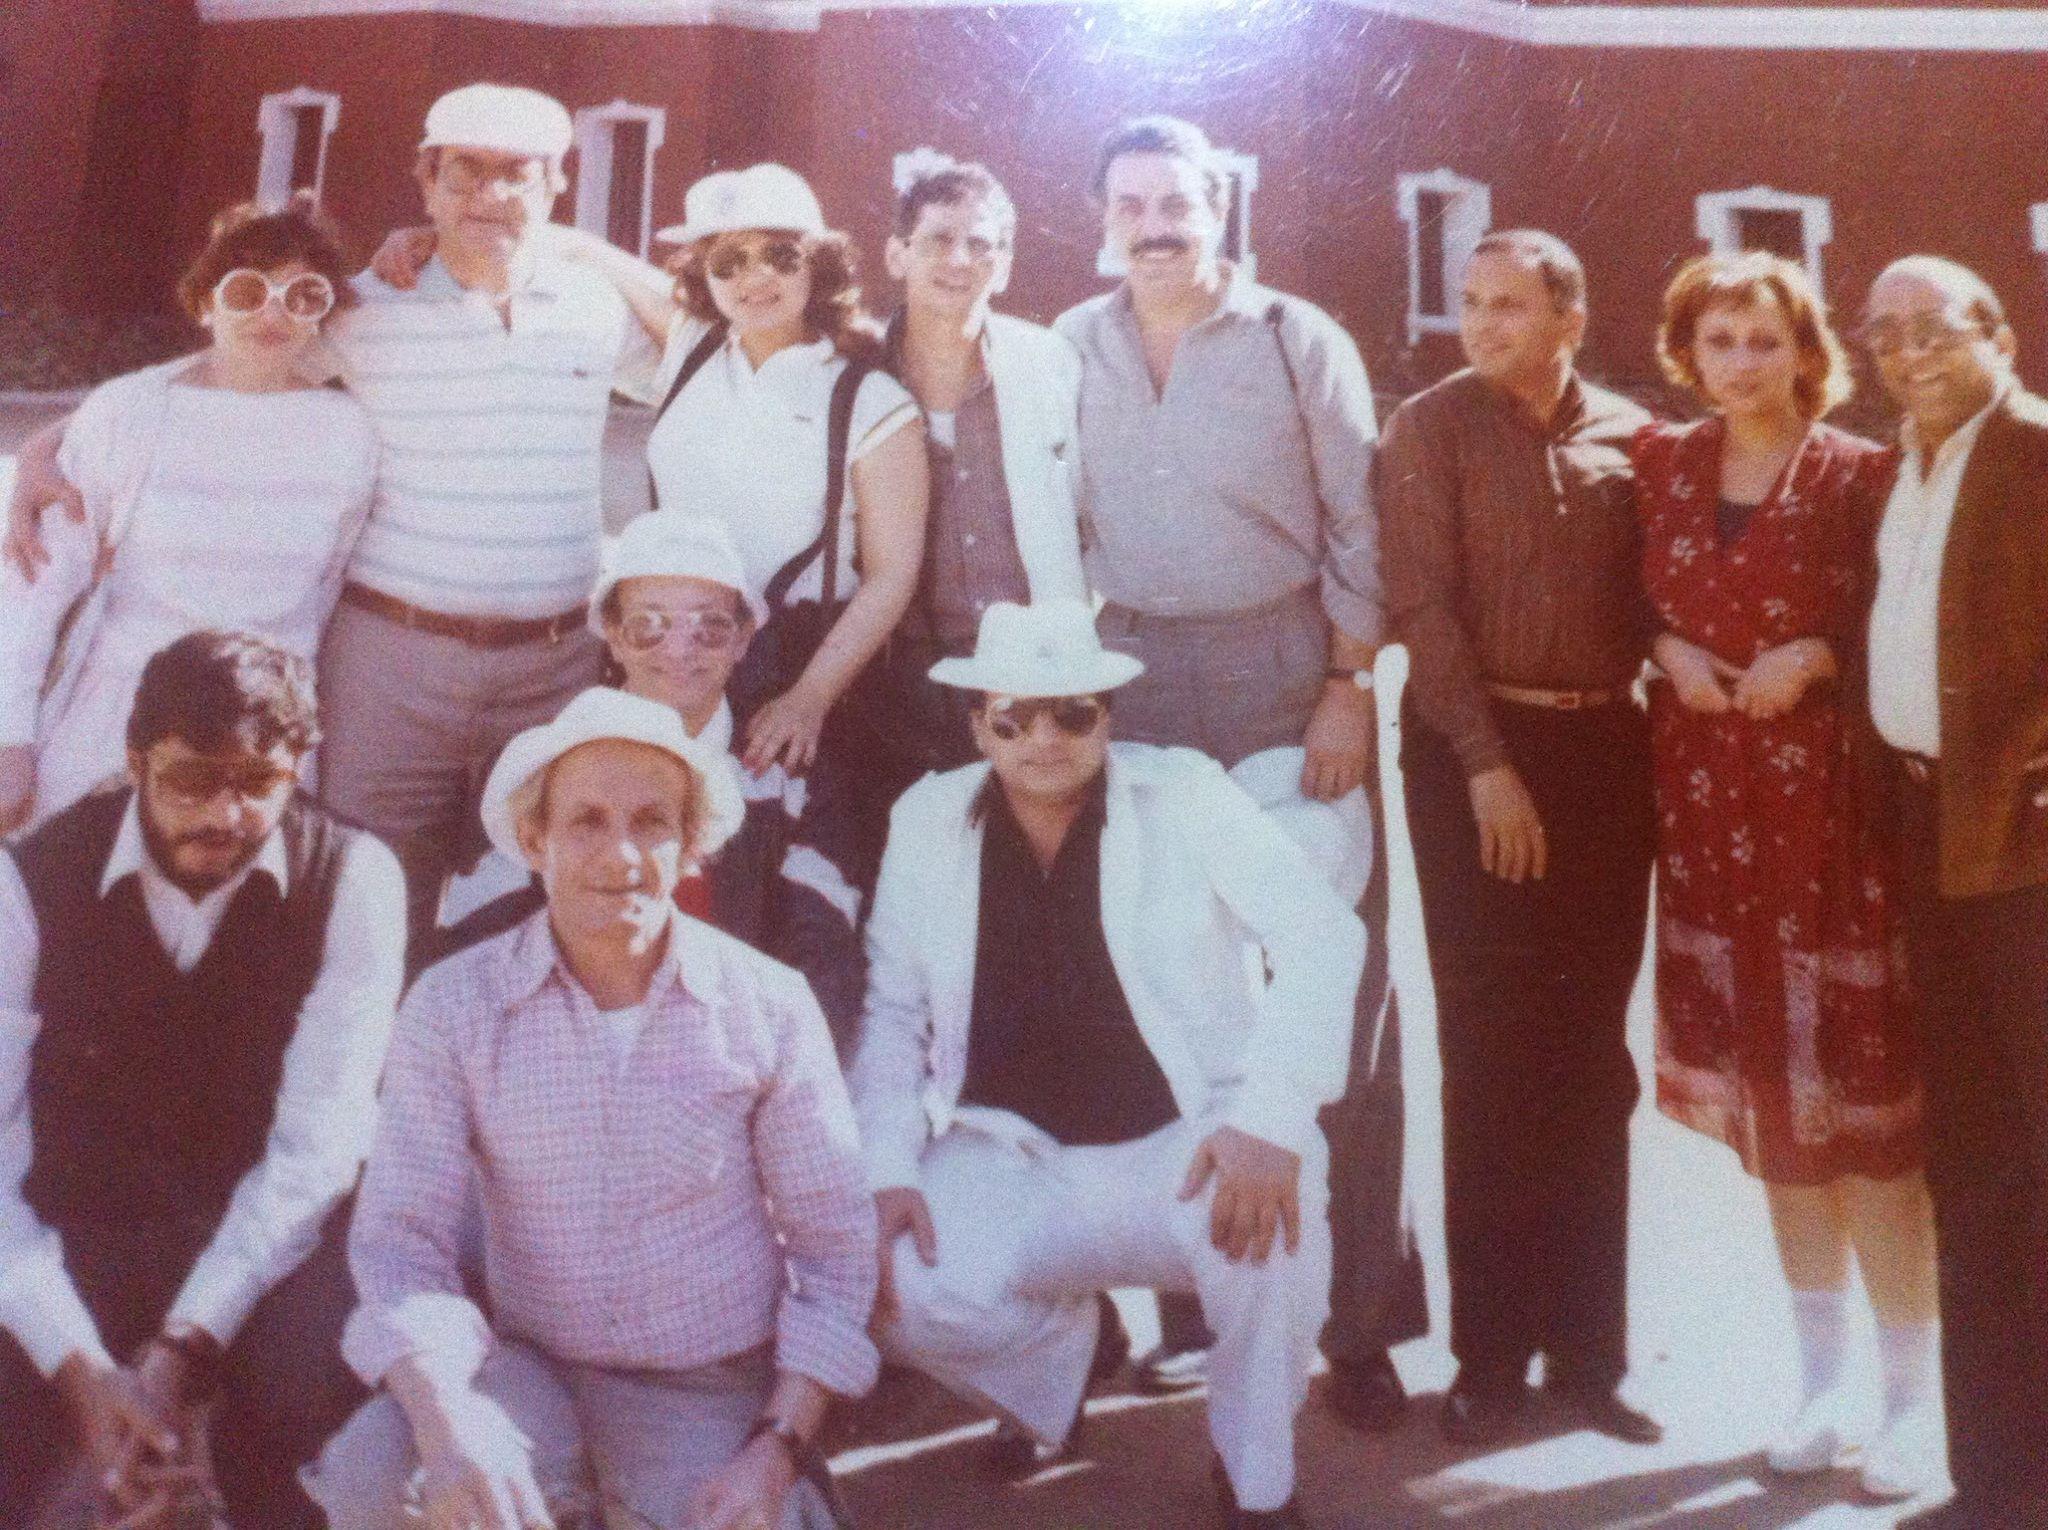 ماجدة خيرالله مع اصدقائها من الوسط الفنى